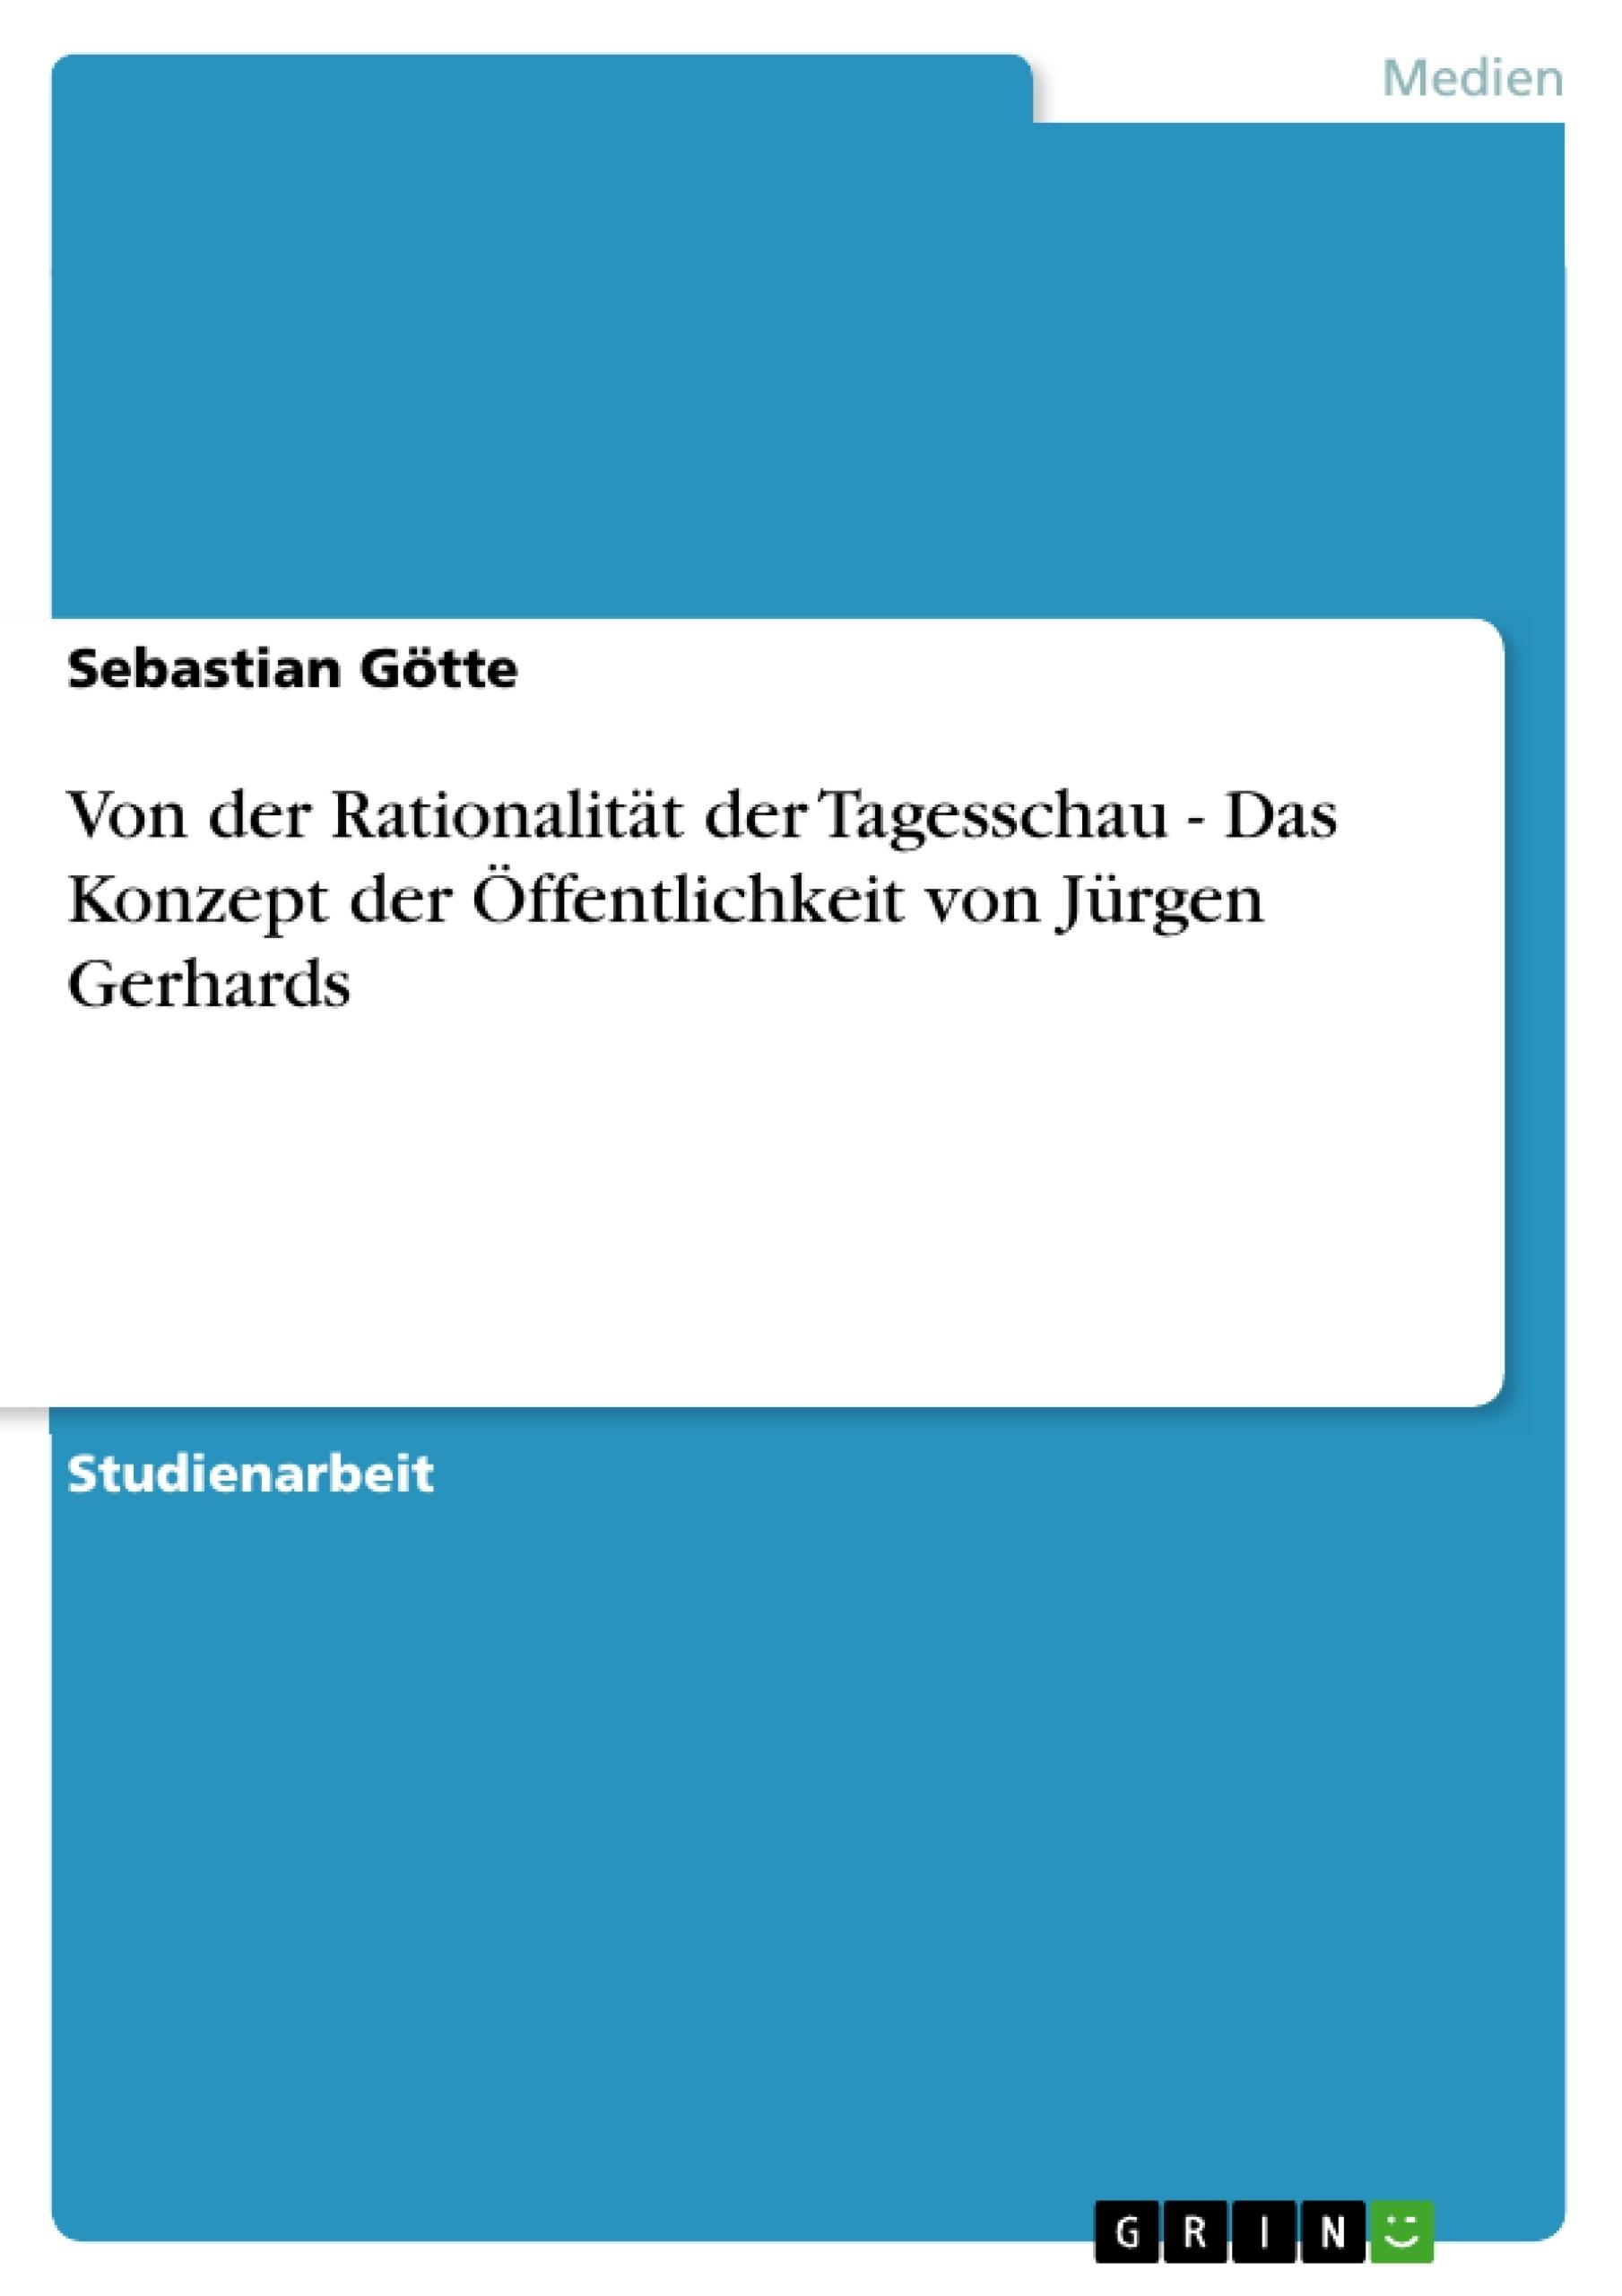 Titel: Von der Rationalität der Tagesschau - Das Konzept der Öffentlichkeit von Jürgen Gerhards